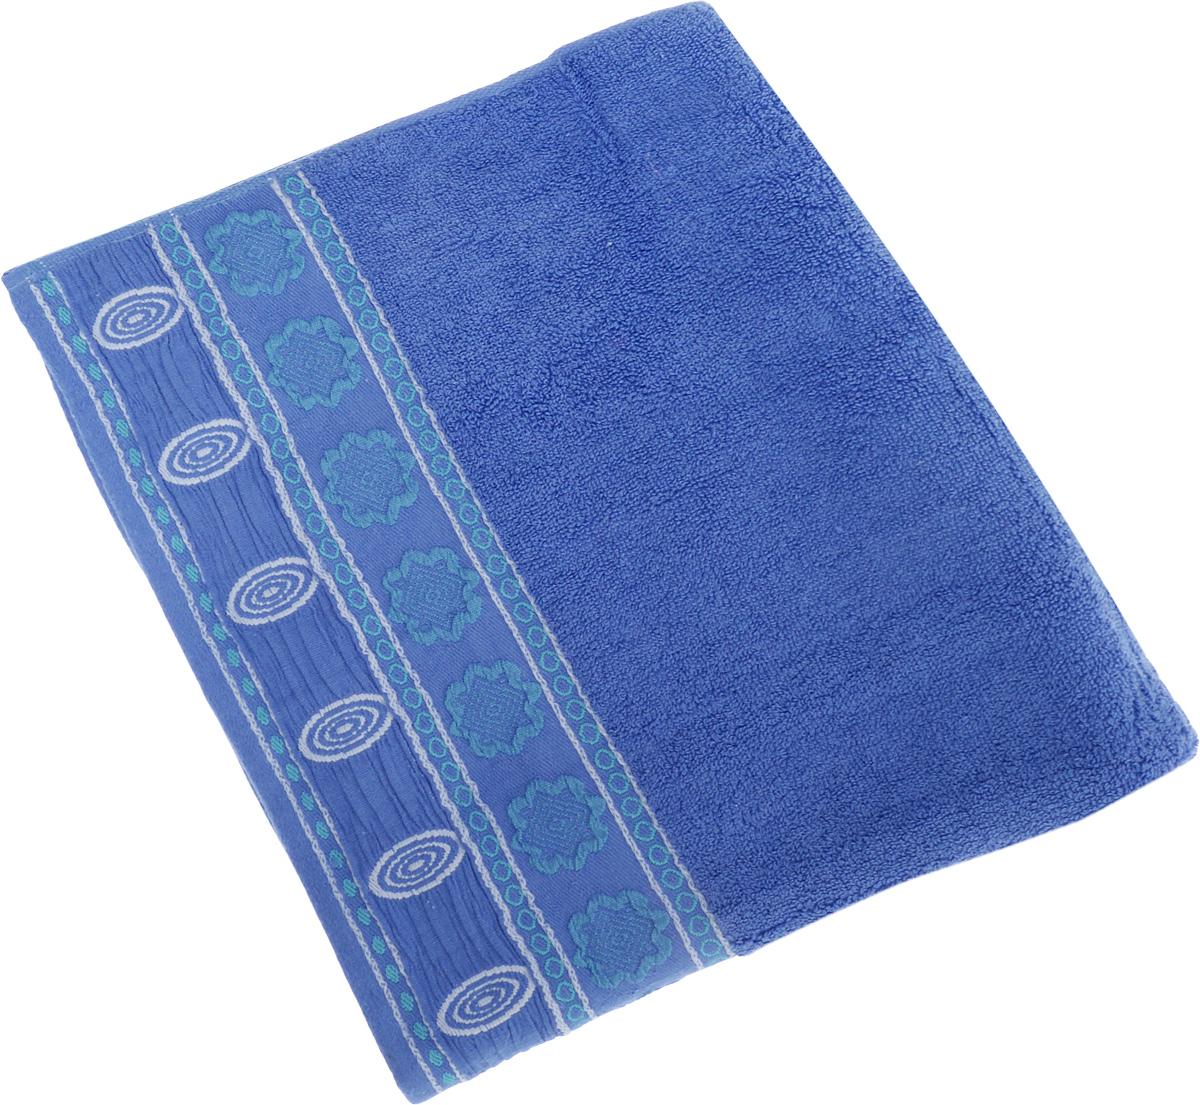 Полотенце Soavita Bruno, цвет: темно-синий, 70 х 140 см1004900000360Полотенце Soavita Bruno выполнено из 100% хлопка. Изделие отлично впитывает влагу, быстро сохнет, сохраняет яркость цвета и не теряет форму даже после многократных стирок. Полотенце очень практично и неприхотливо в уходе. Оно создаст прекрасное настроение и украсит интерьер в ванной комнате.